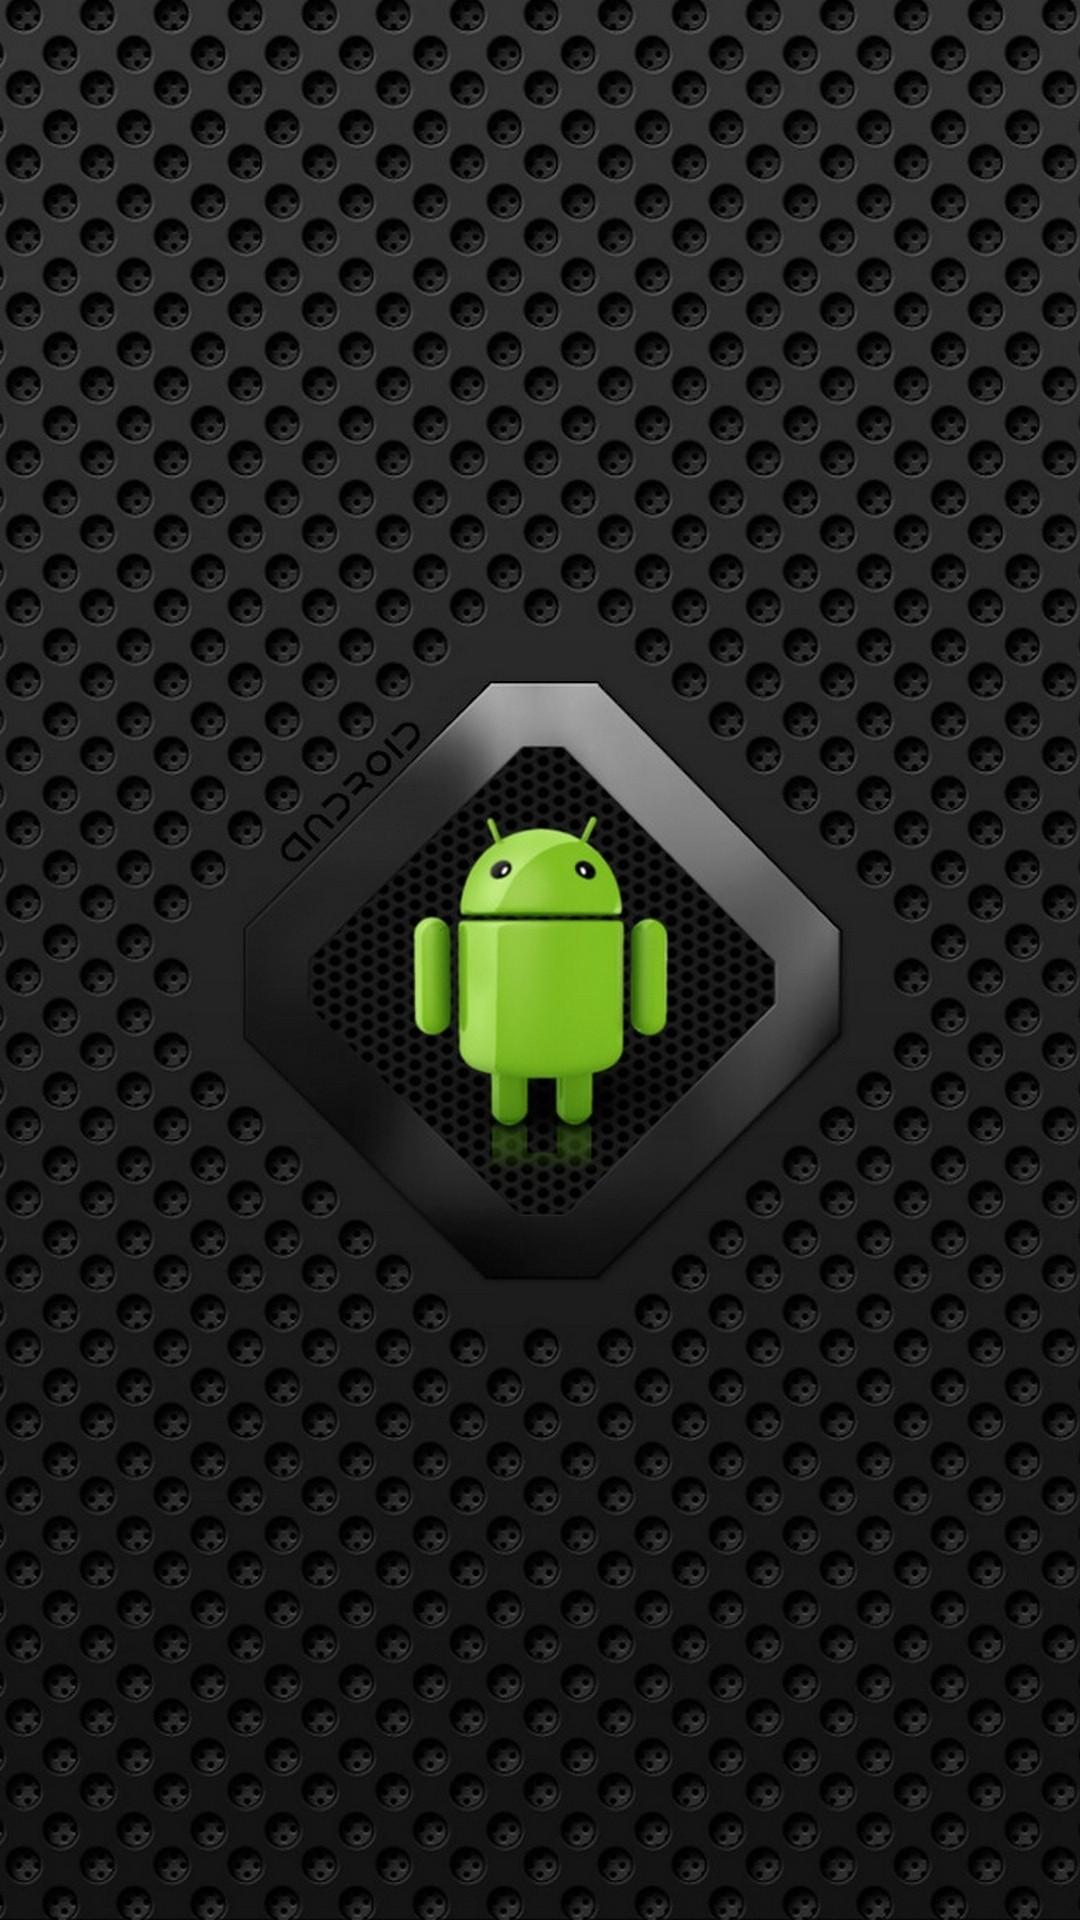 Скачать бесплатно обои для андроид на телефон   лучшие картинки (32)